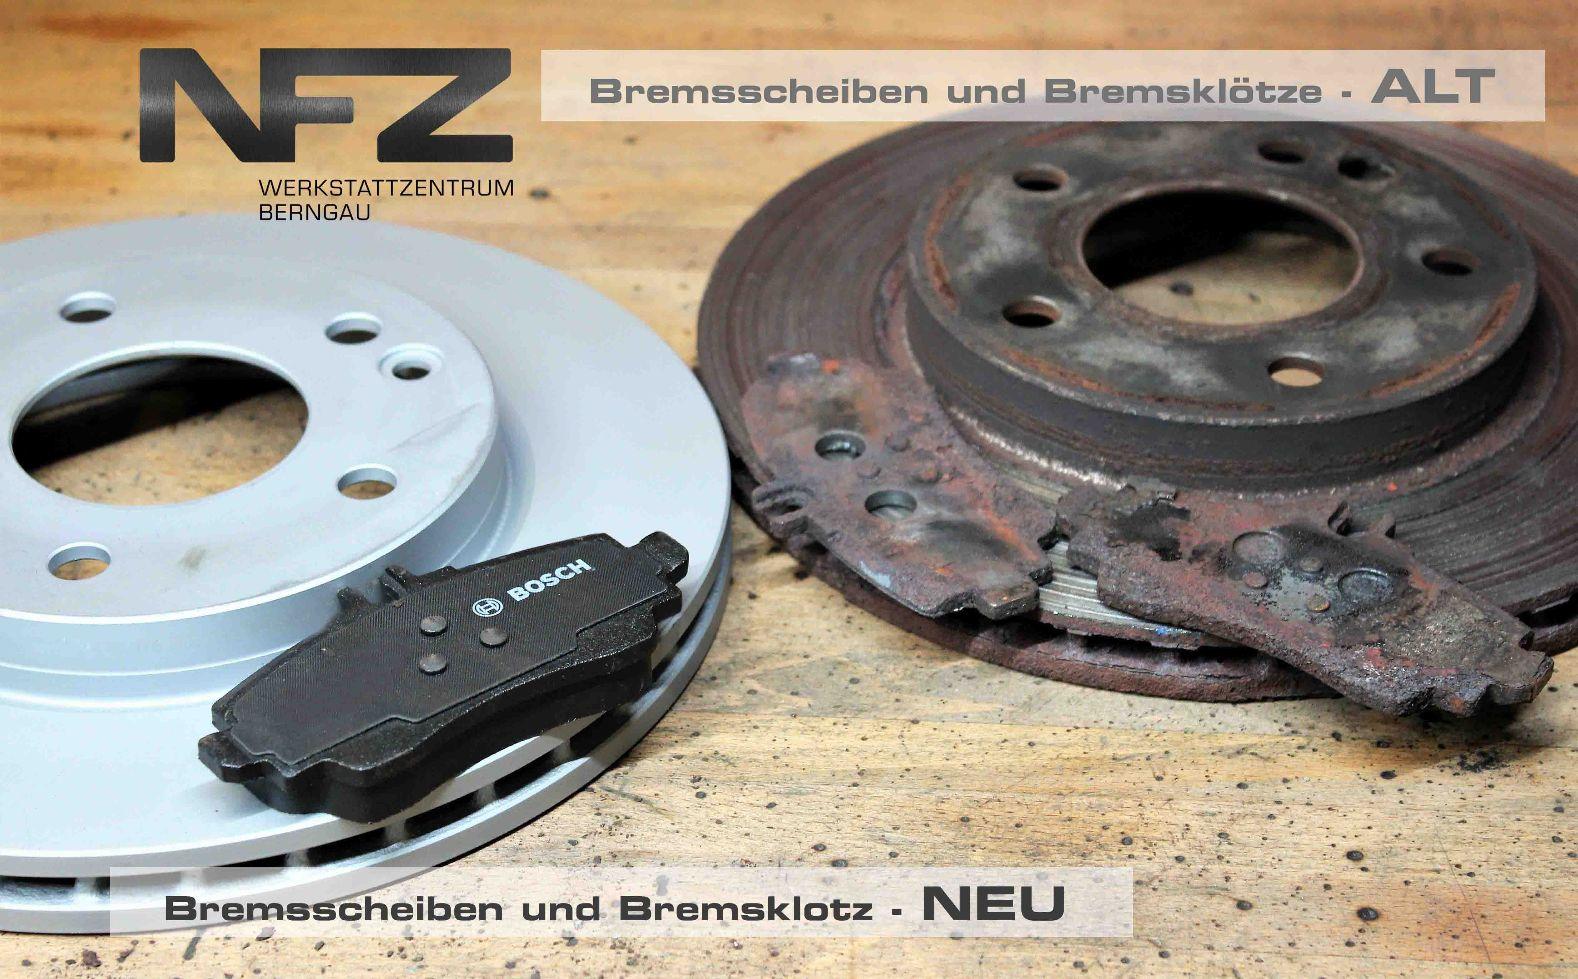 Bremsscheibe und Bremsklotz